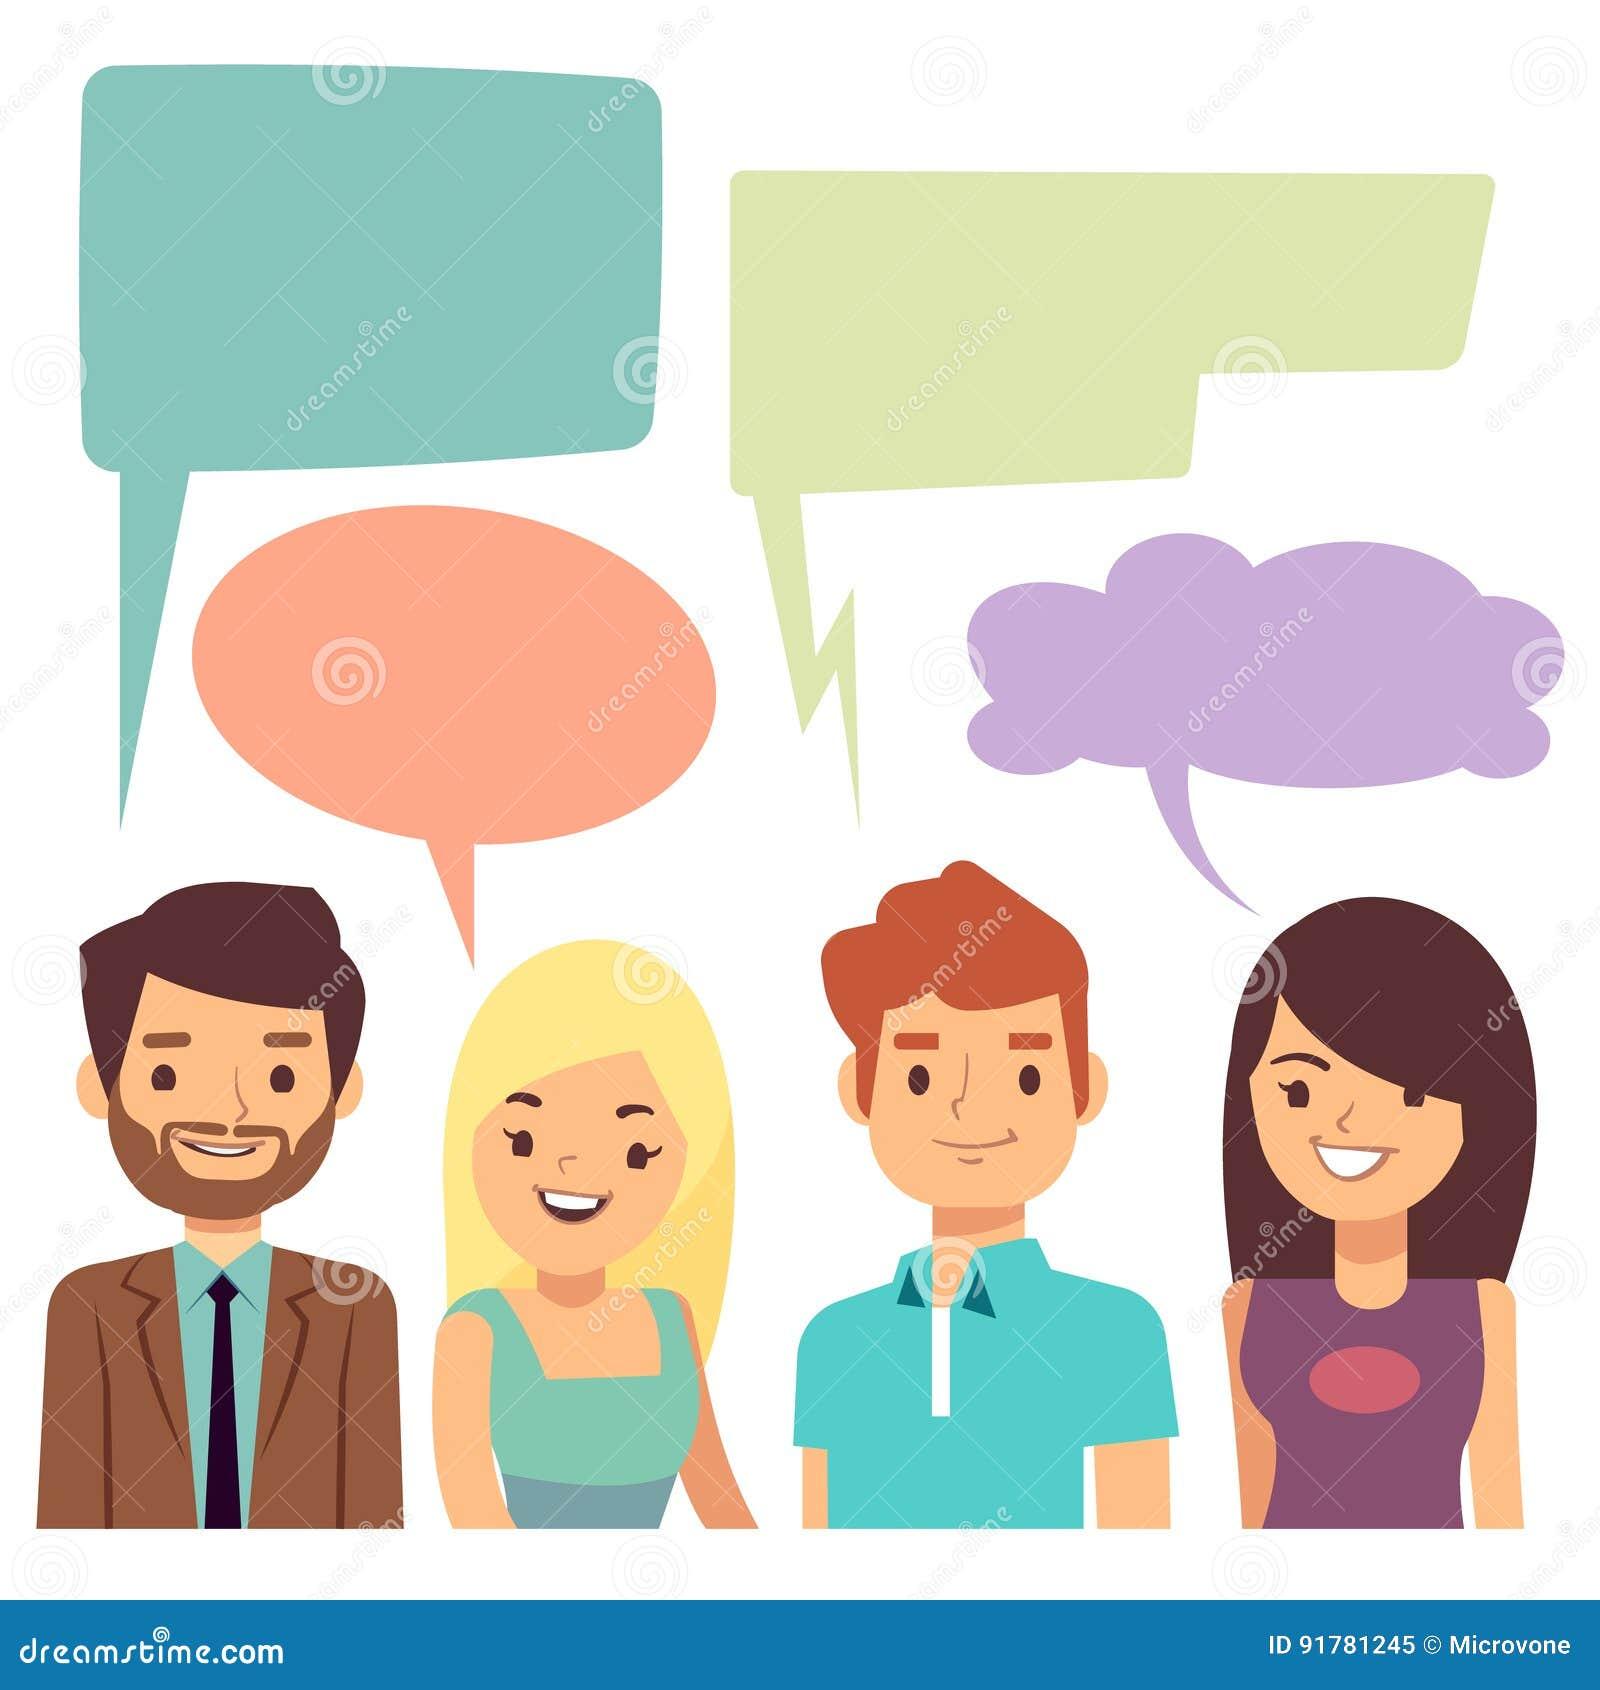 Διανυσματική έννοια συνομιλίας με τους ανθρώπους και τις κενές φυσαλίδες σκέψης